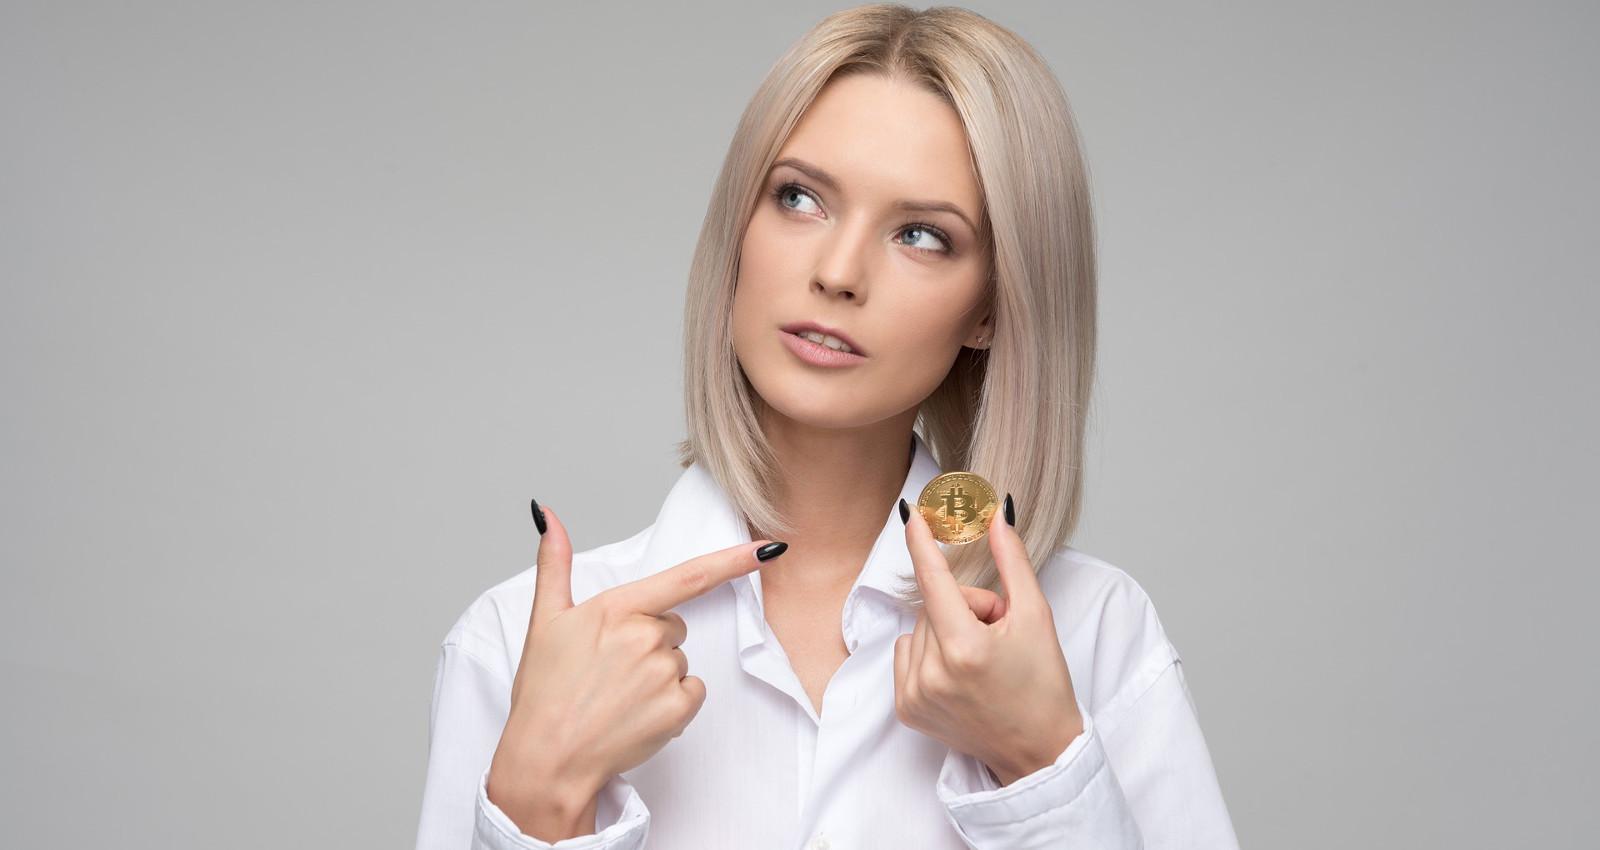 Lohnen sich Bitcoin noch